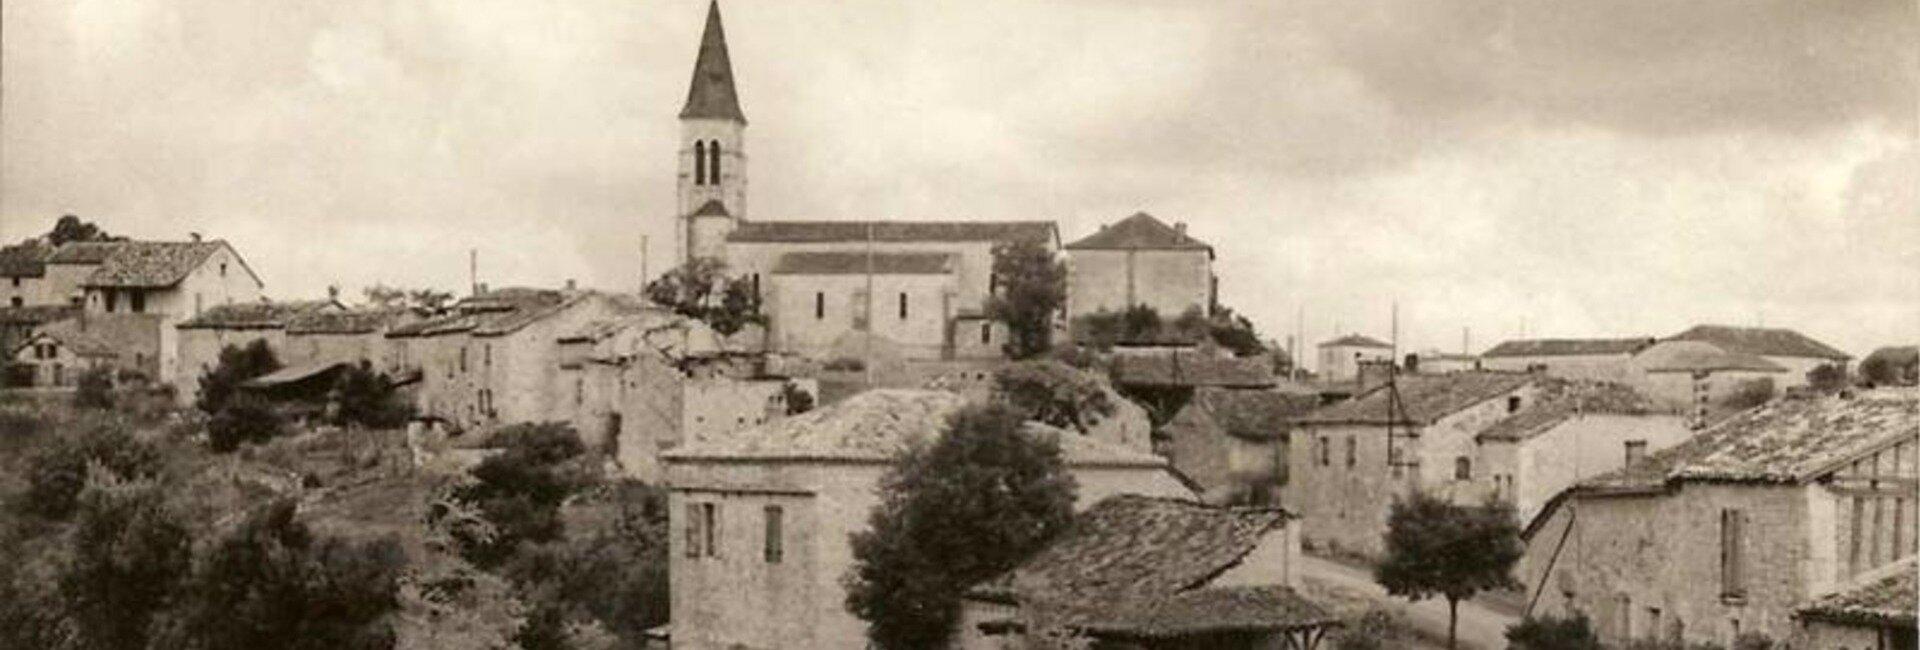 Quercy Mairie De Du Belfort Lot doCBxe